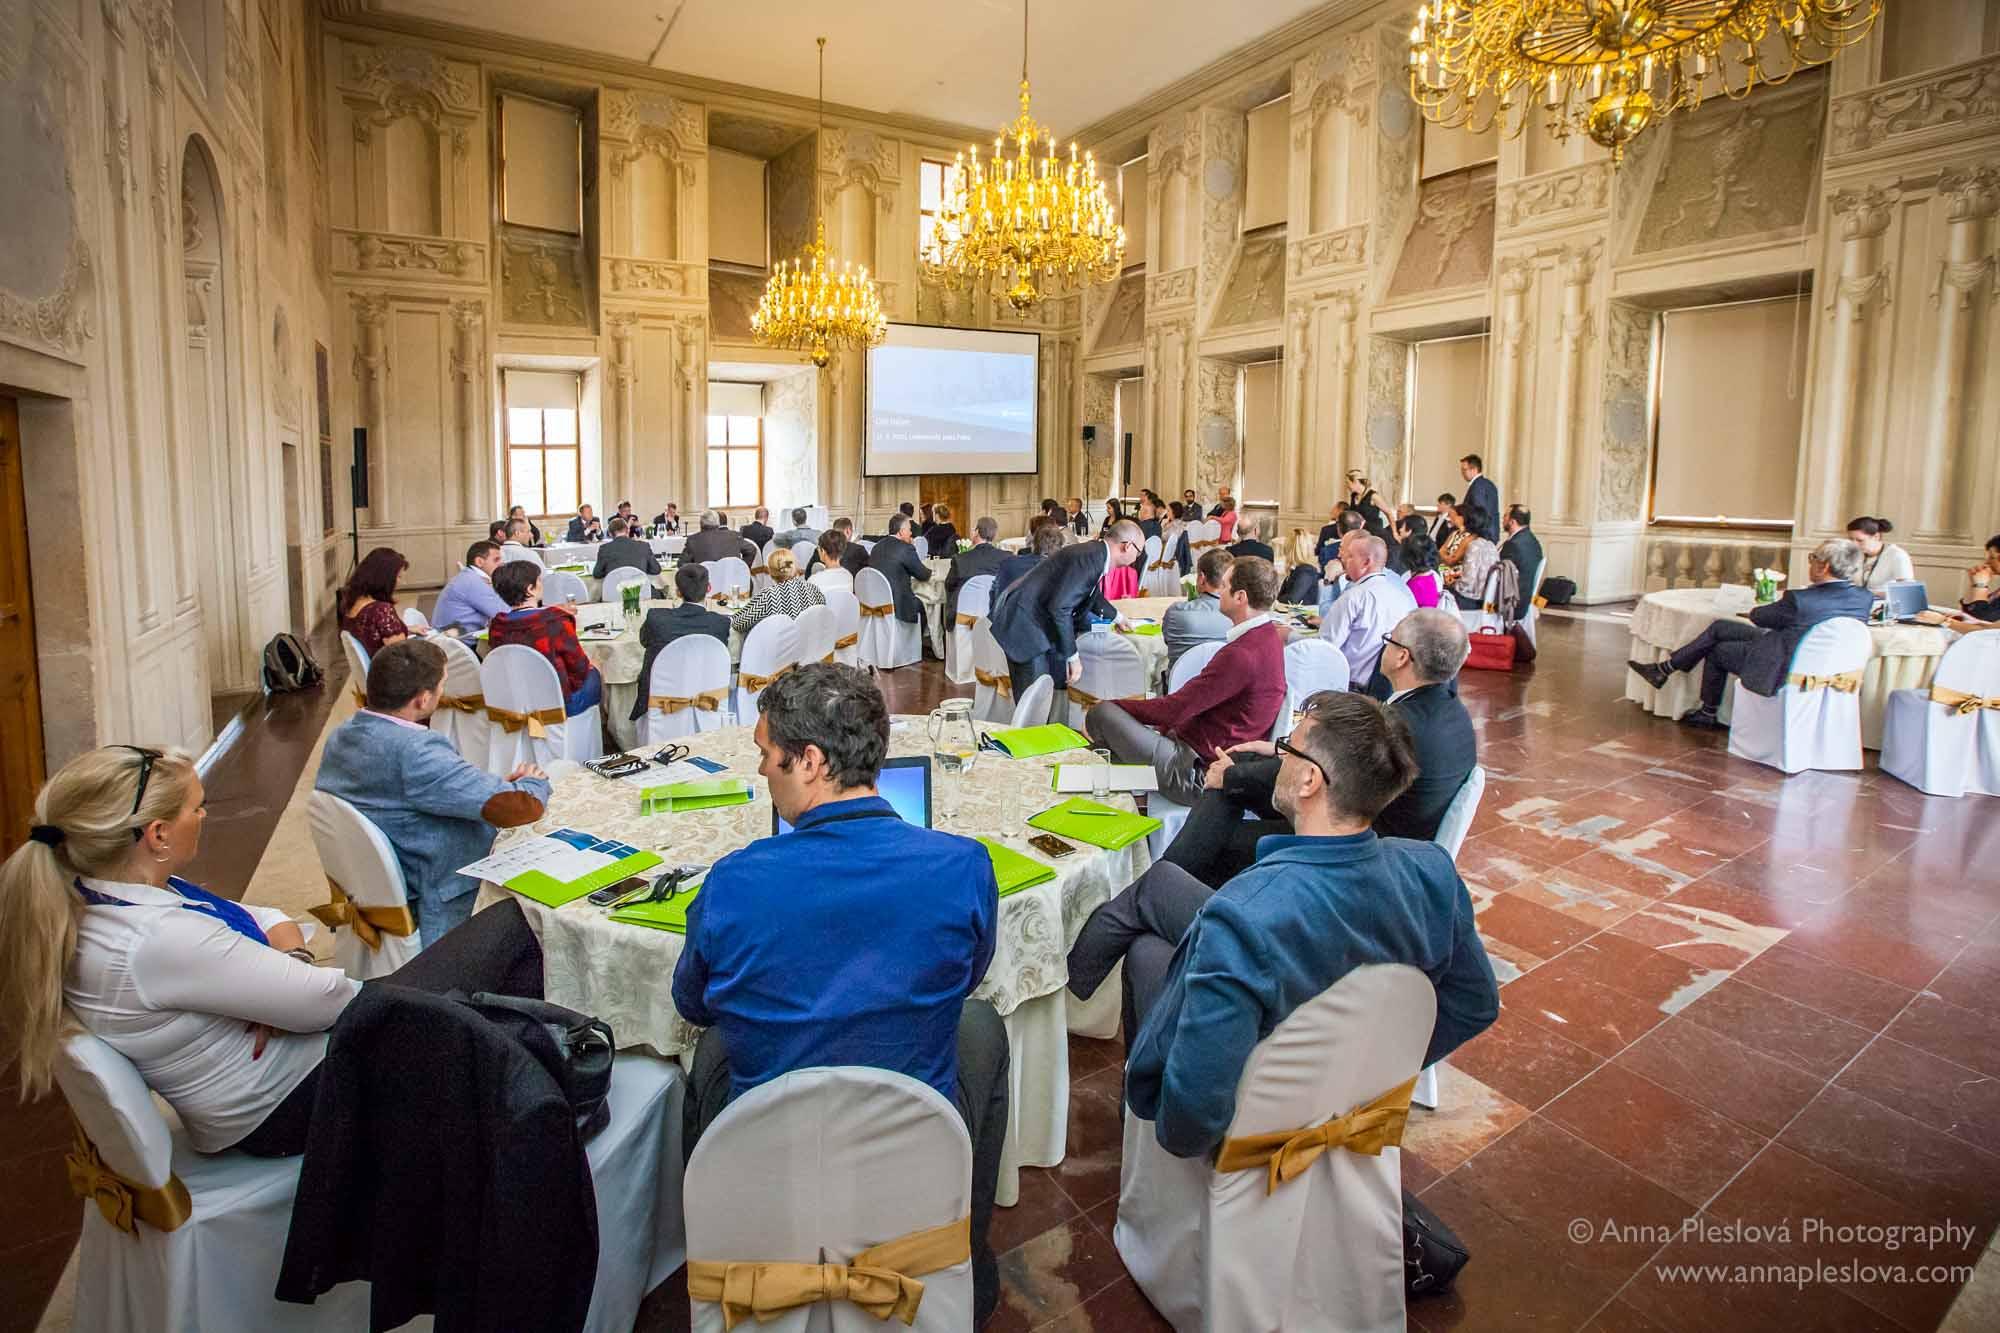 fotograf akce, event fotograf, event photographer, spolecenske akce, fotograf Praha Fotografie konferencí, konference fotograf.